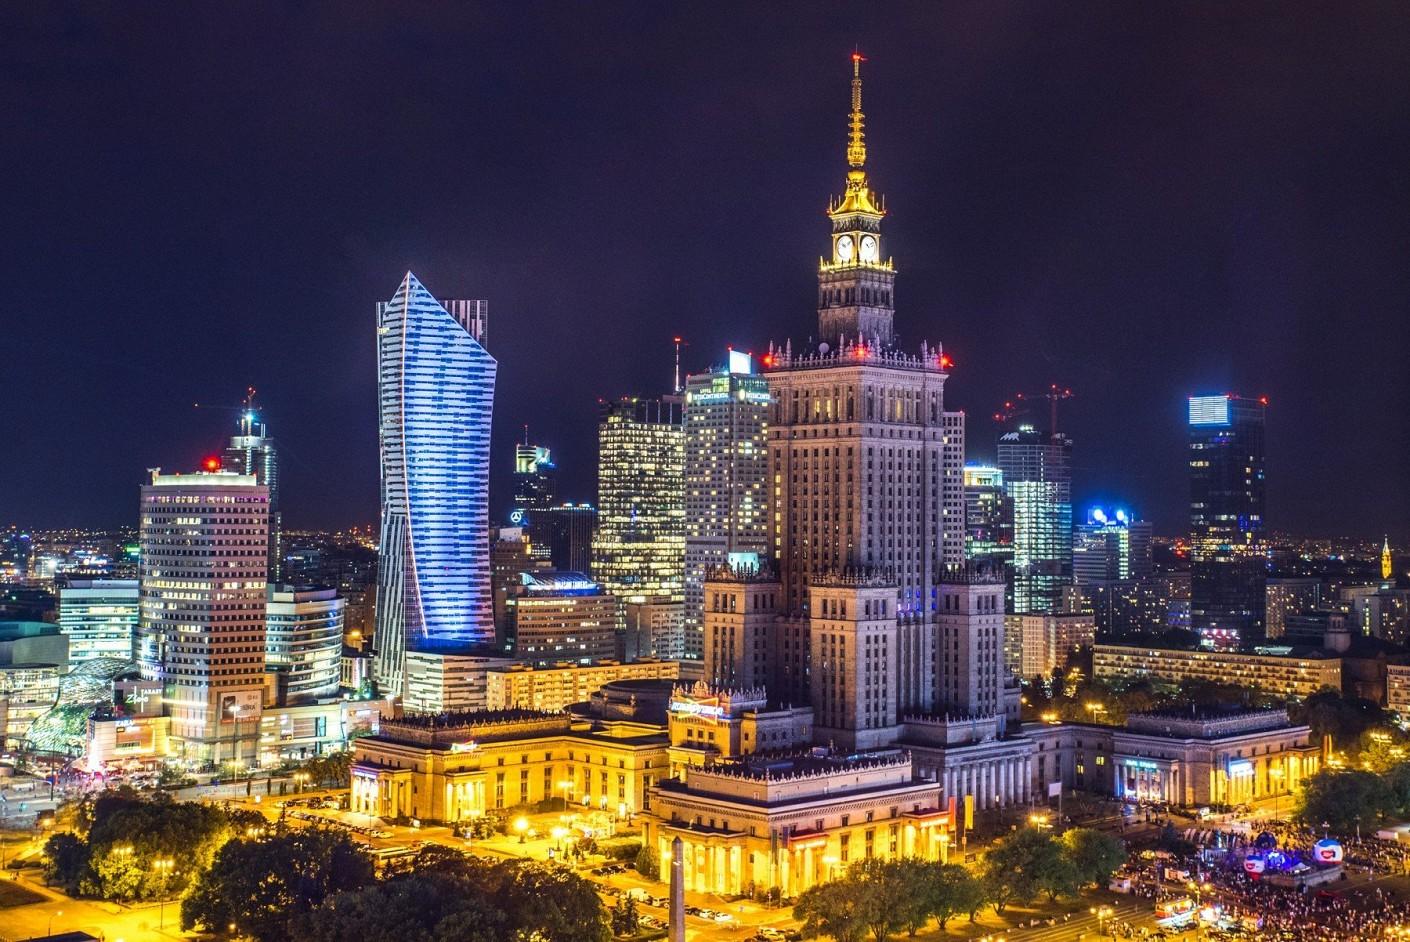 Ką verta žinoti prieš vykstant į Varšuvą?